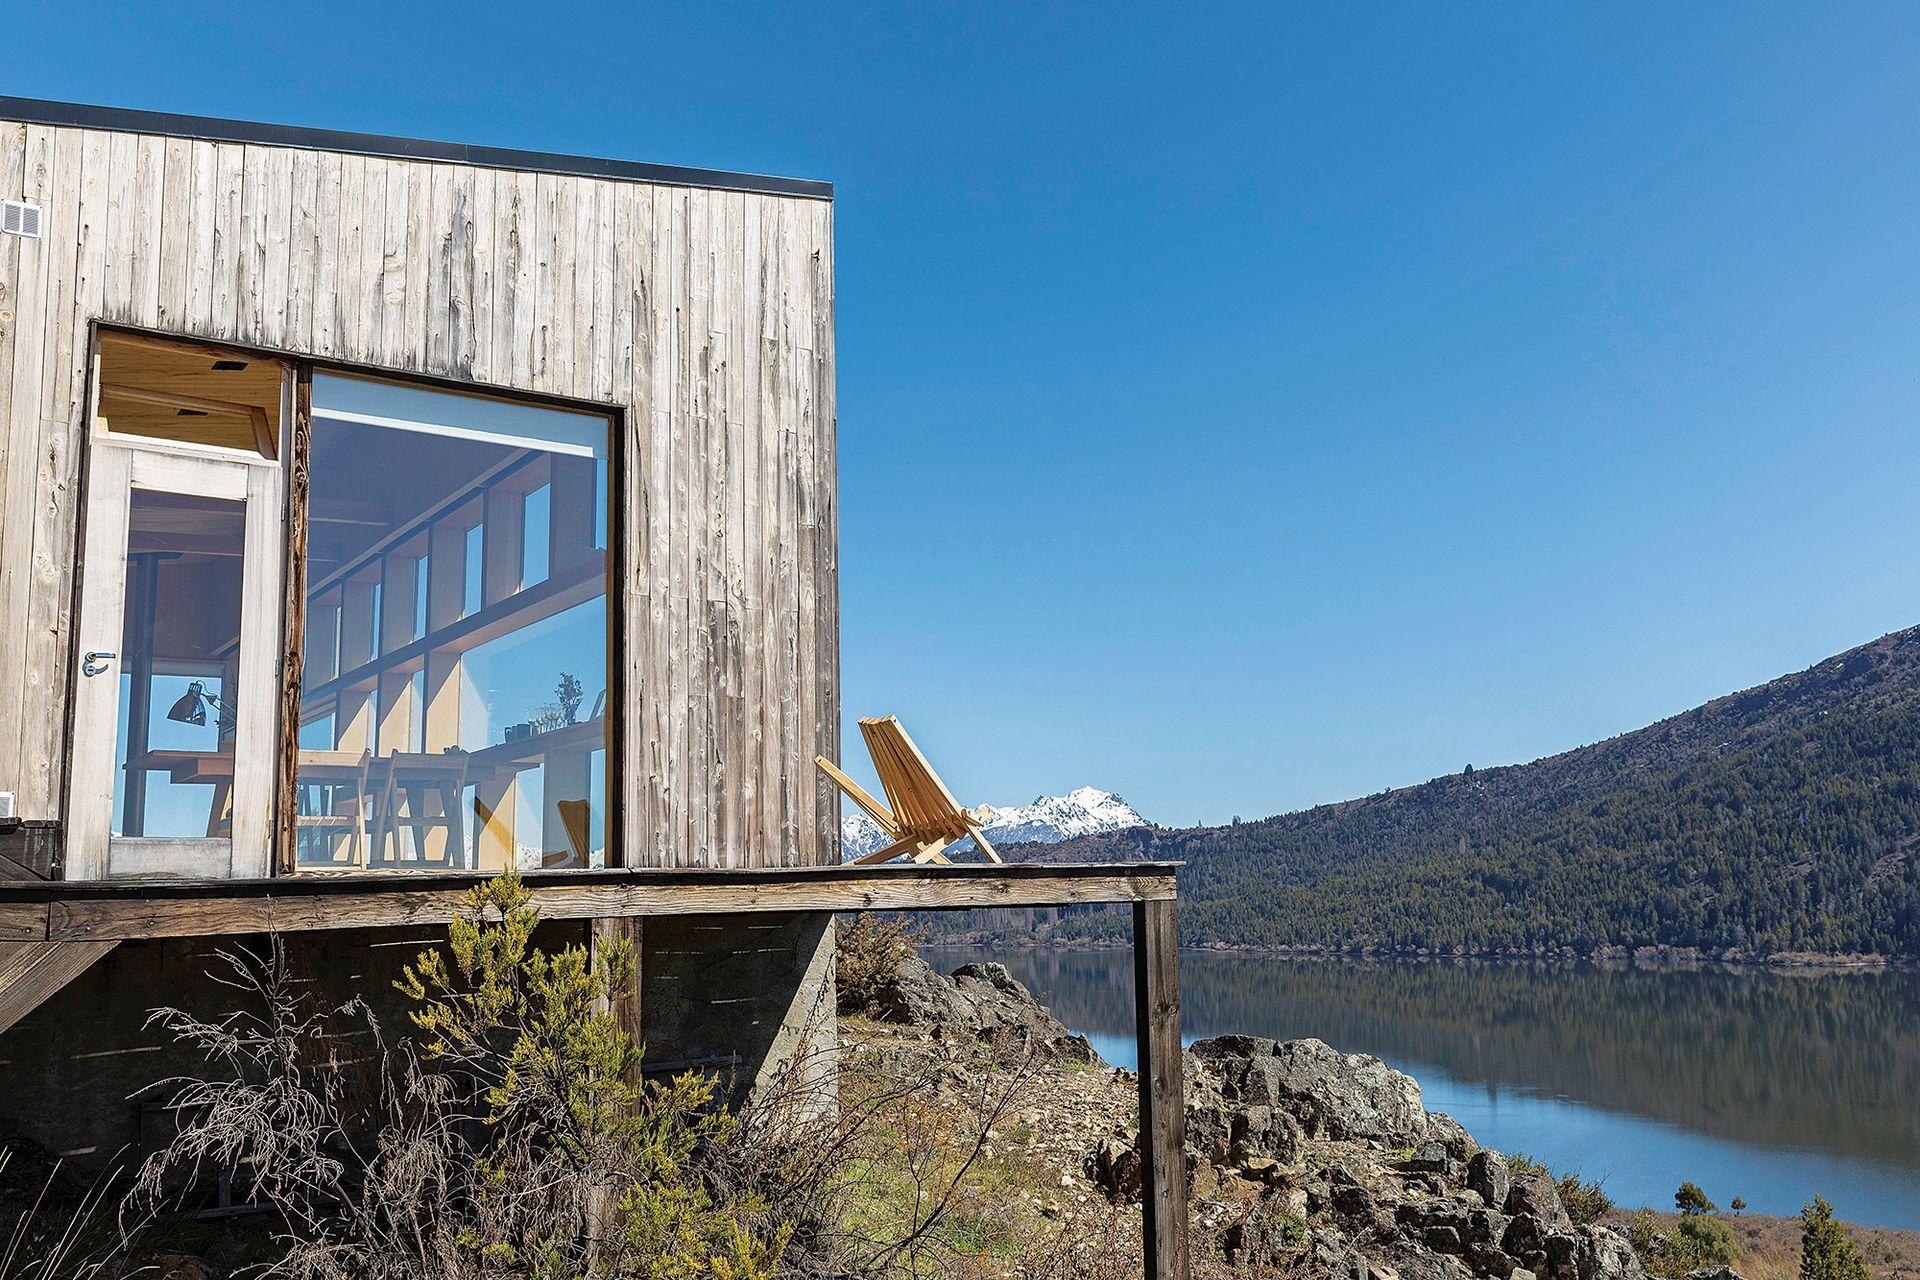 El deck rodea la casa y conecta la terraza este con la oeste. Desde ahí, puede verse el atardecer en la Cordillera de los Andes. Es de eucalipto, una madera que casi no requiere de mantenimiento en estas latitudes.